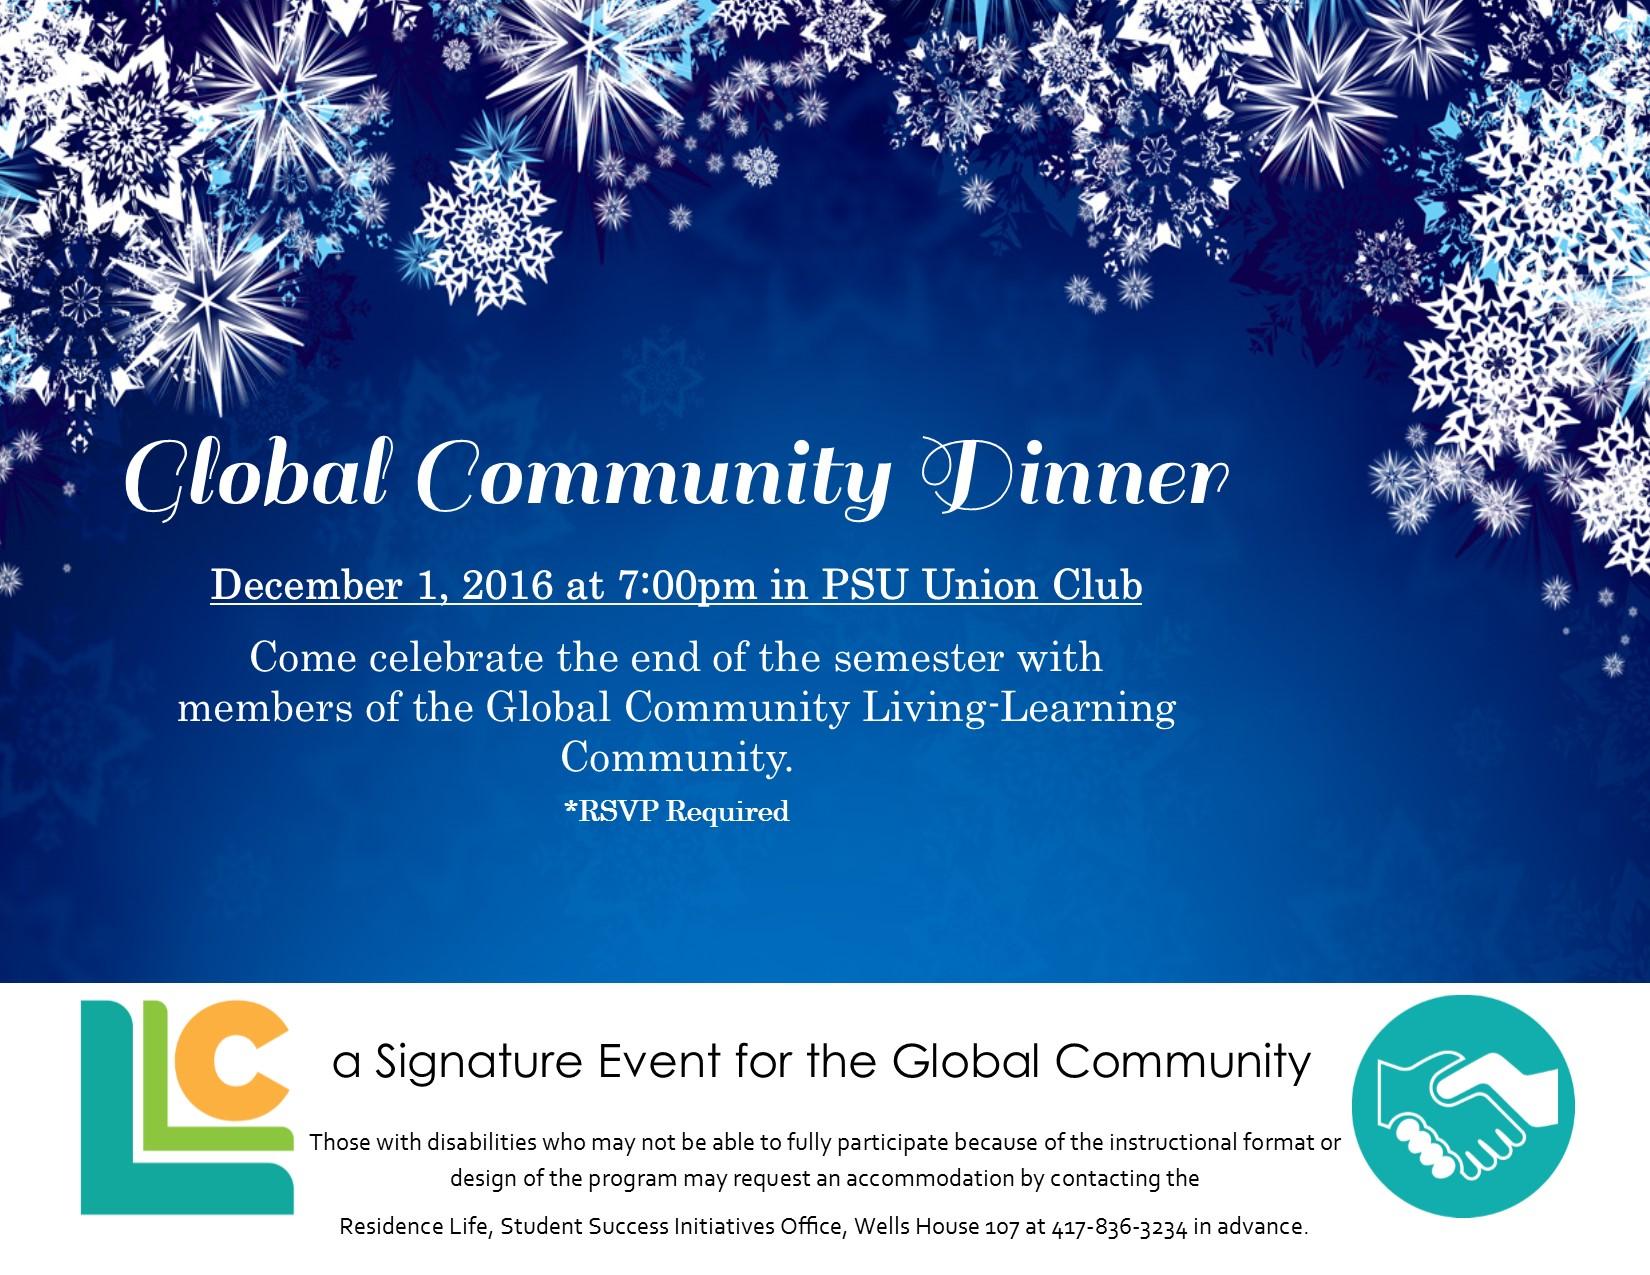 Global Community Dinner